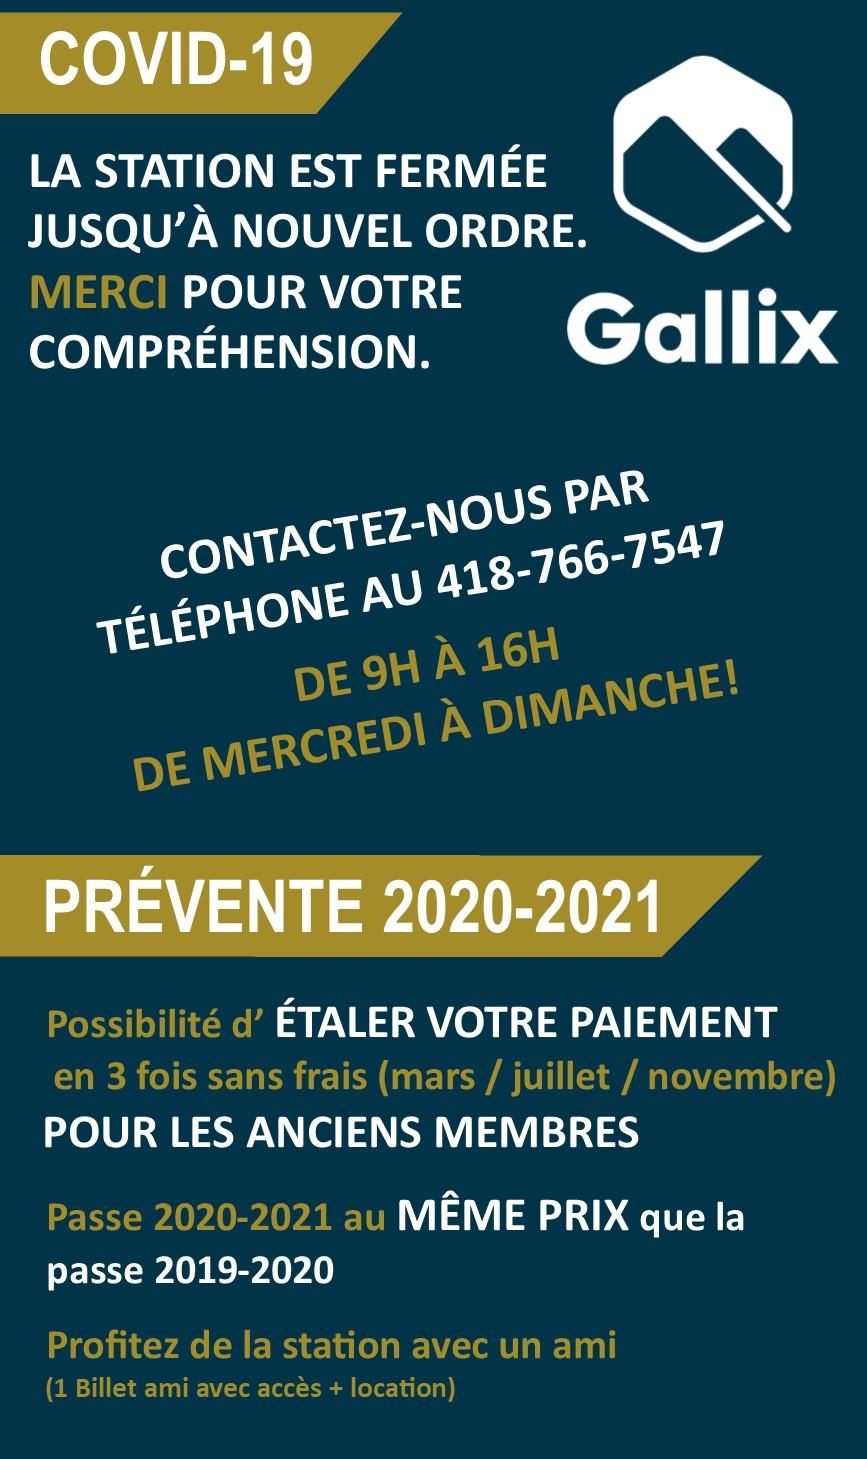 nc_gallix_2020-03-18_v2